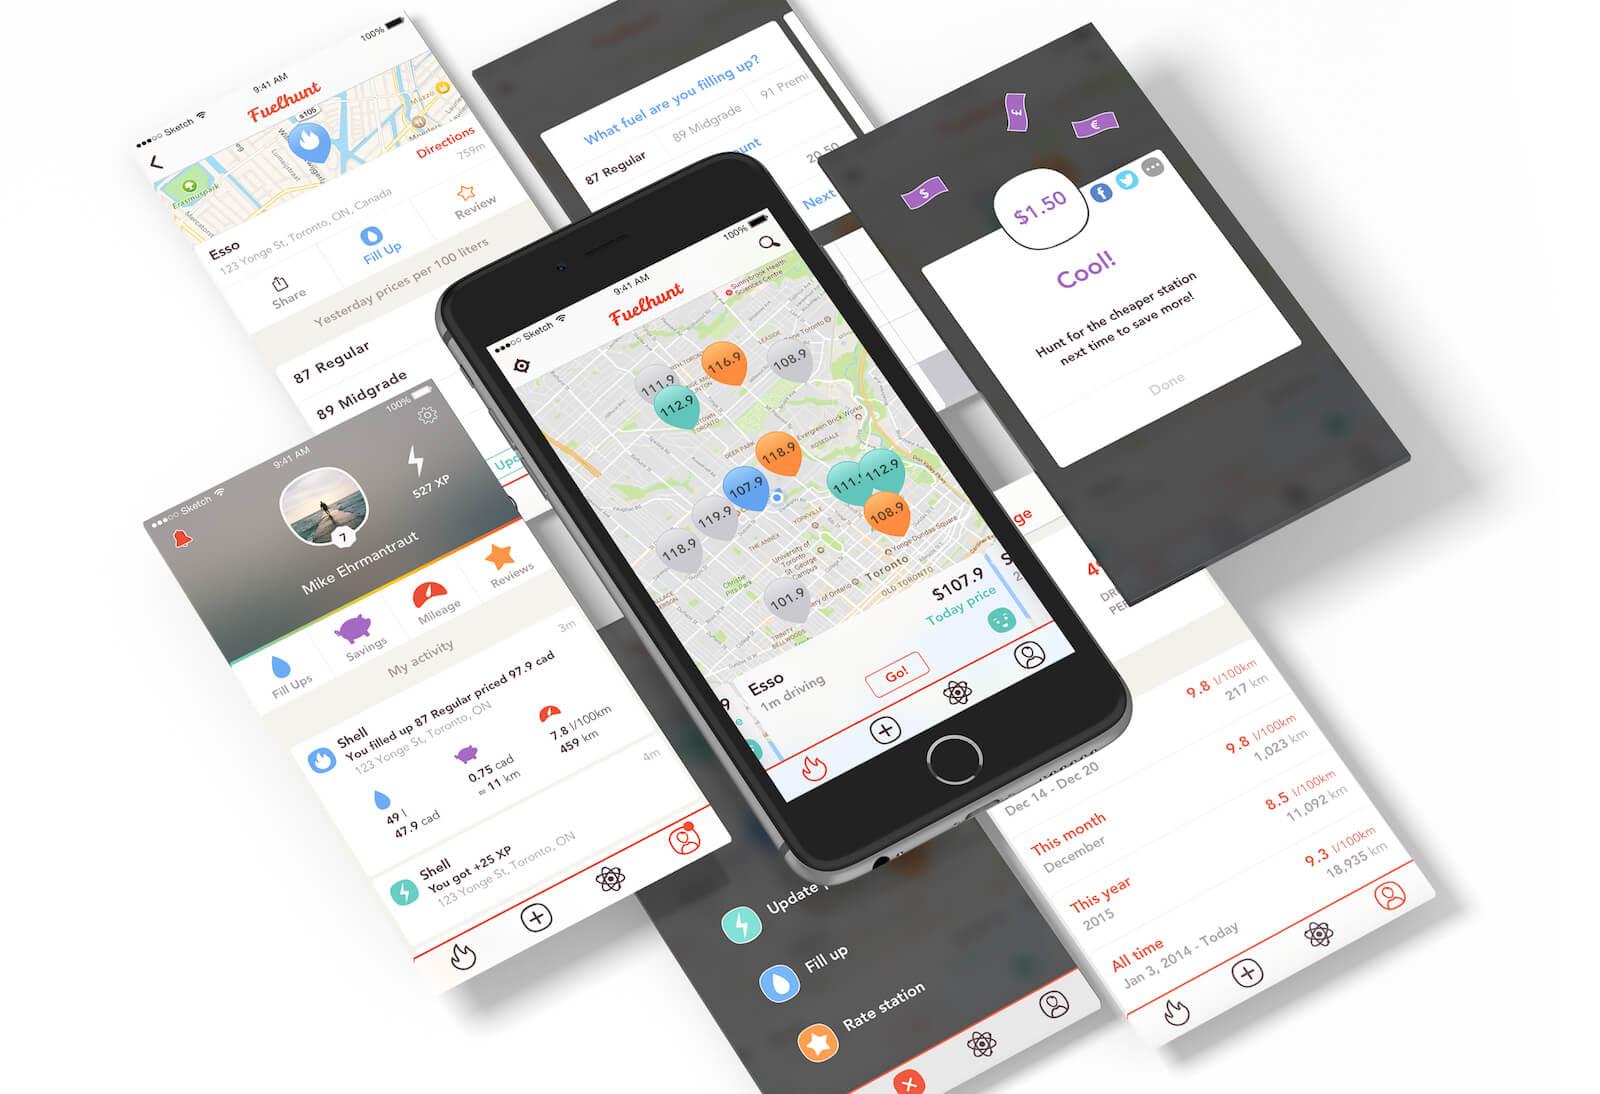 Fuelhunt app screens